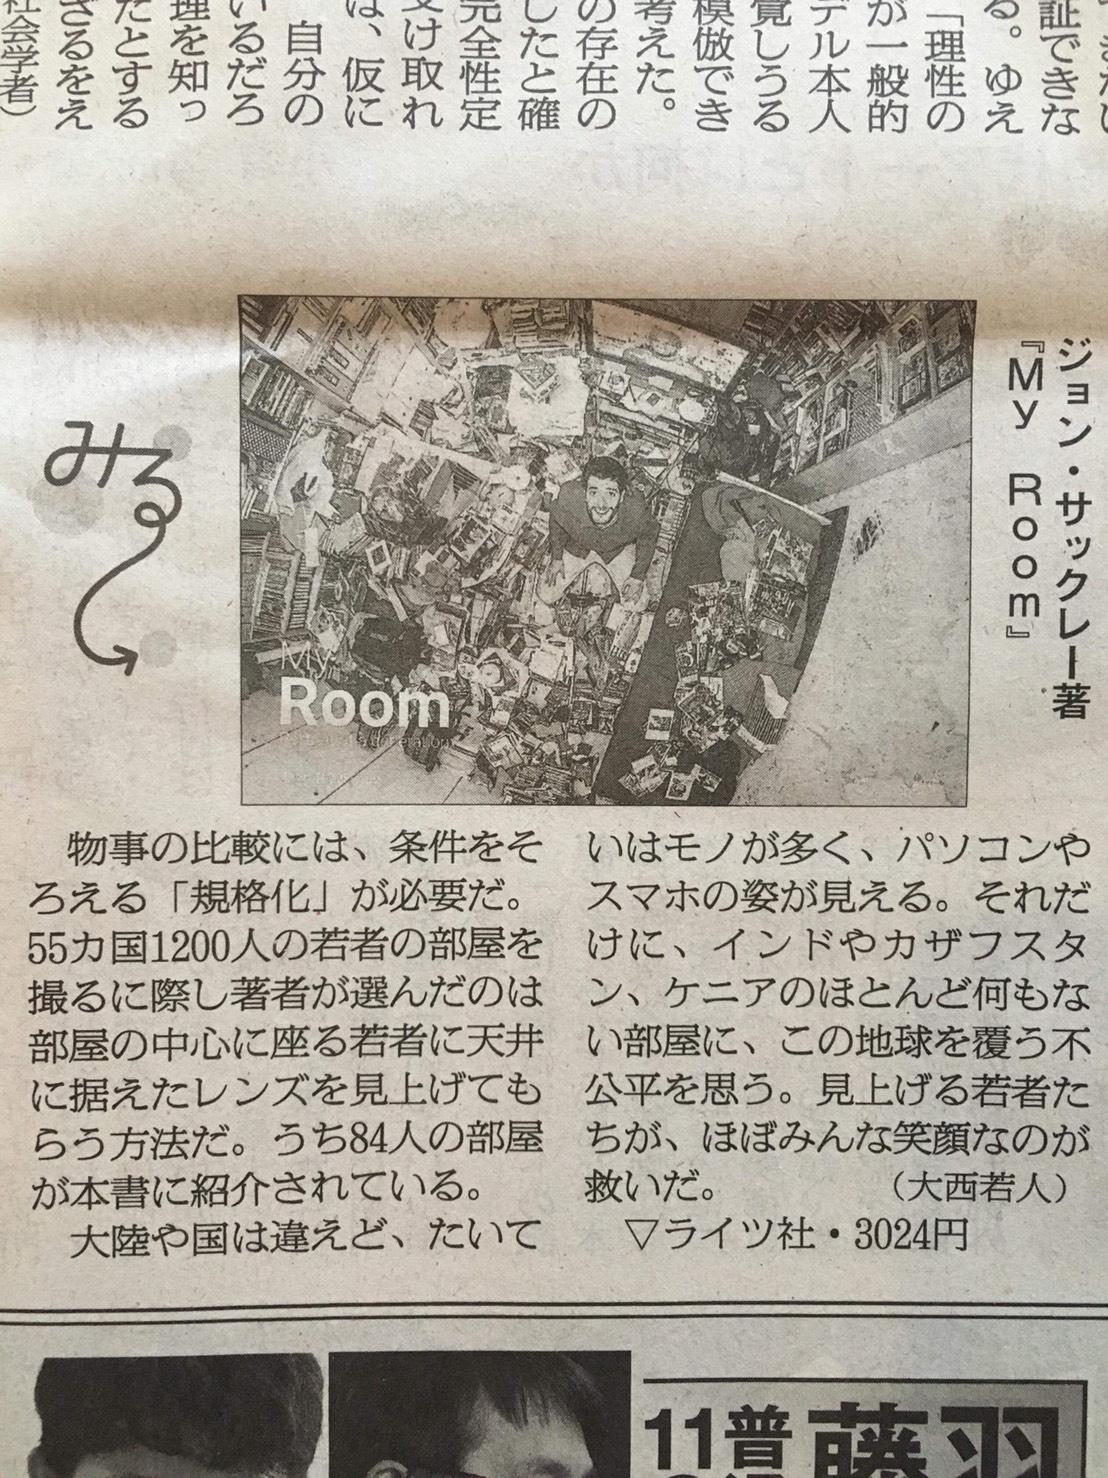 「朝日新聞朝刊に『My Room』が掲載されました!」記事アイキャッチ画像